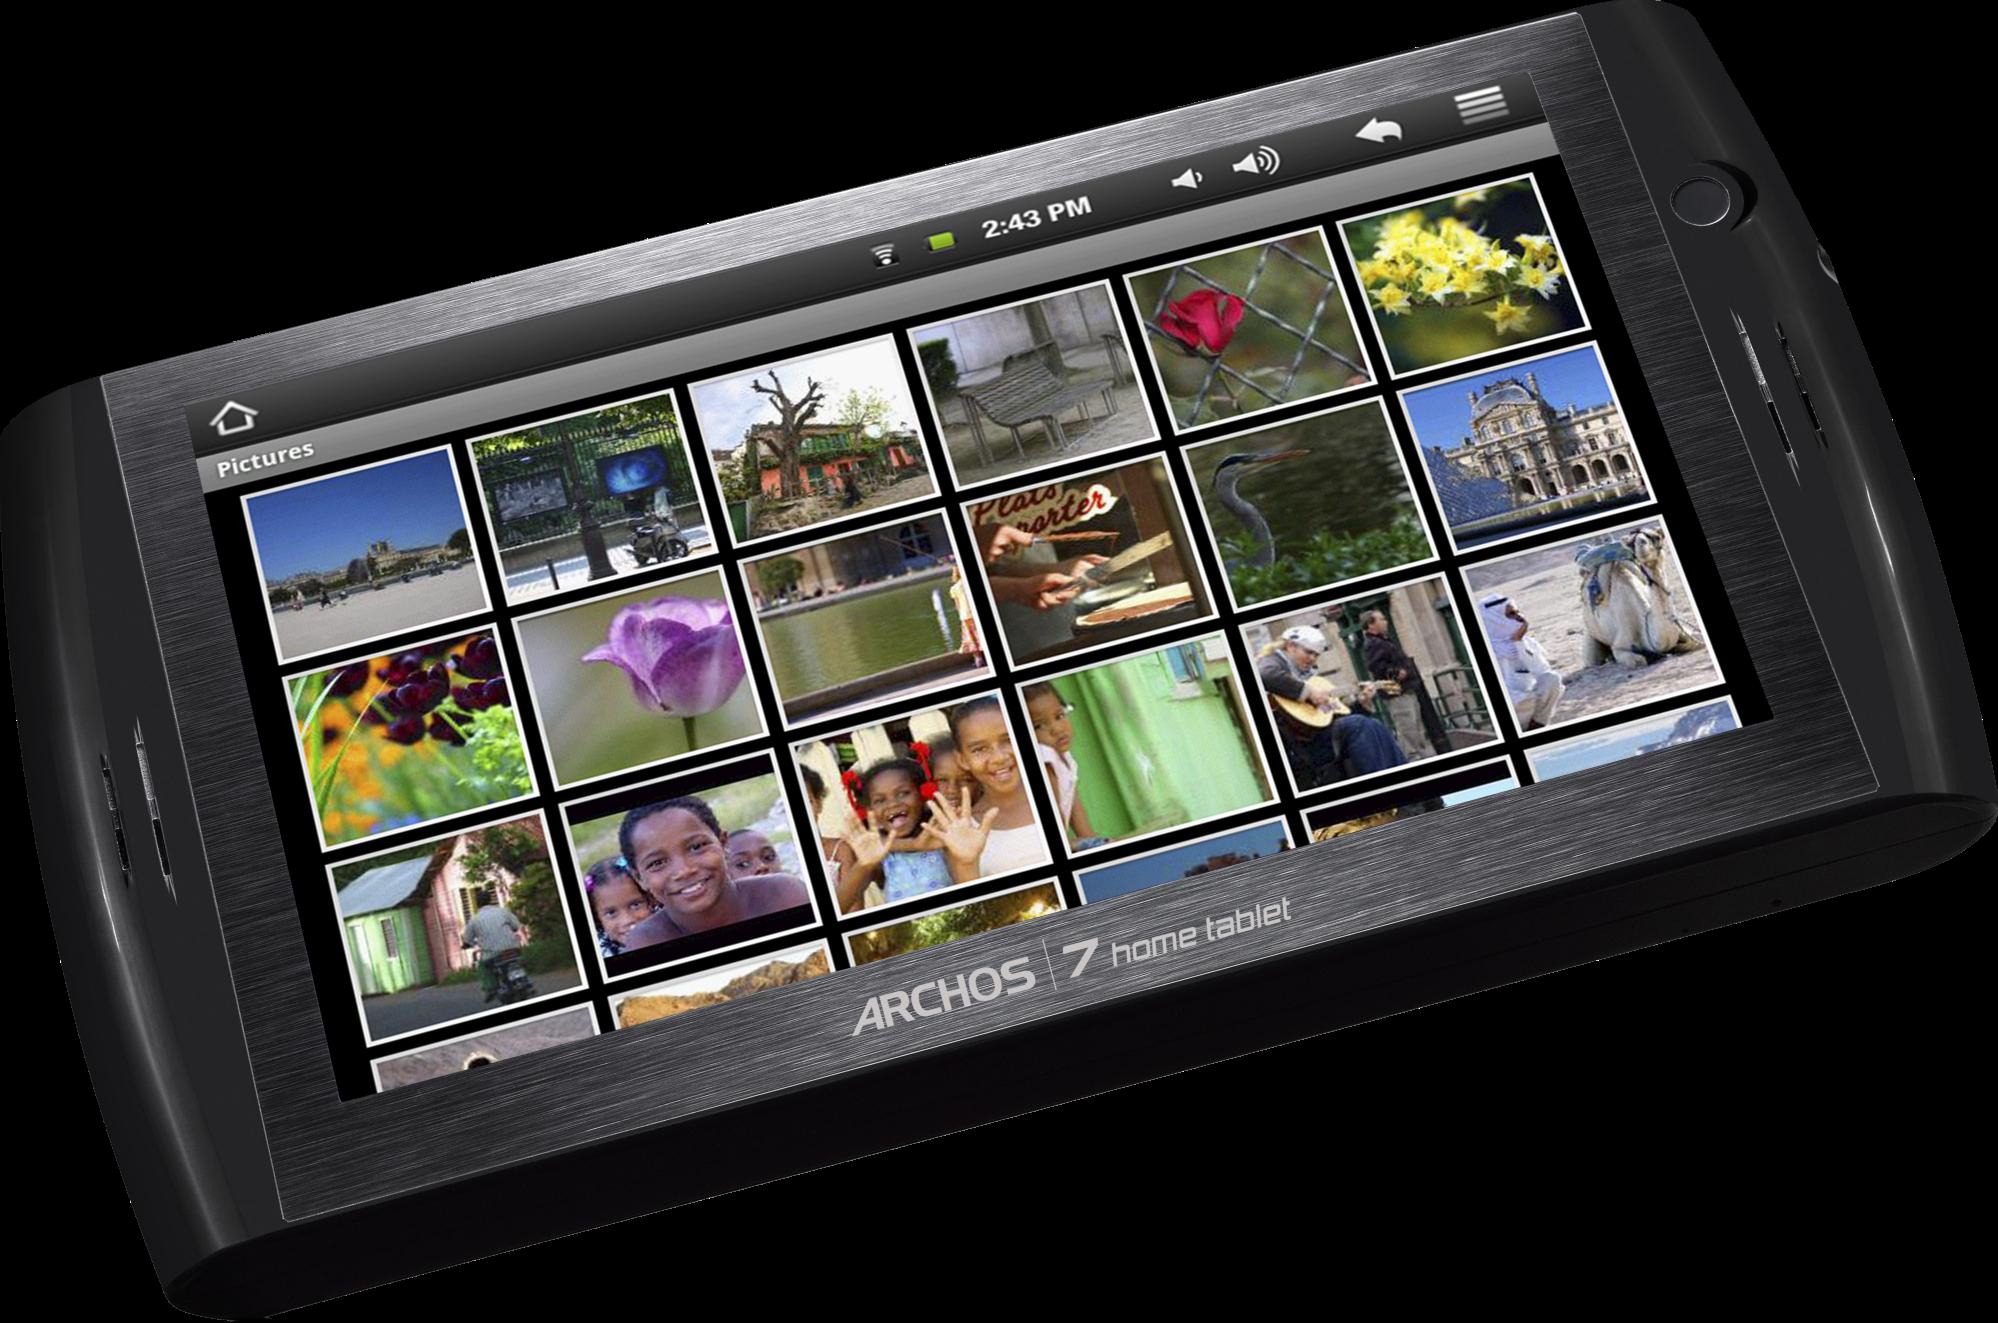 Инструкцию к archos 7 home tablet 8gb